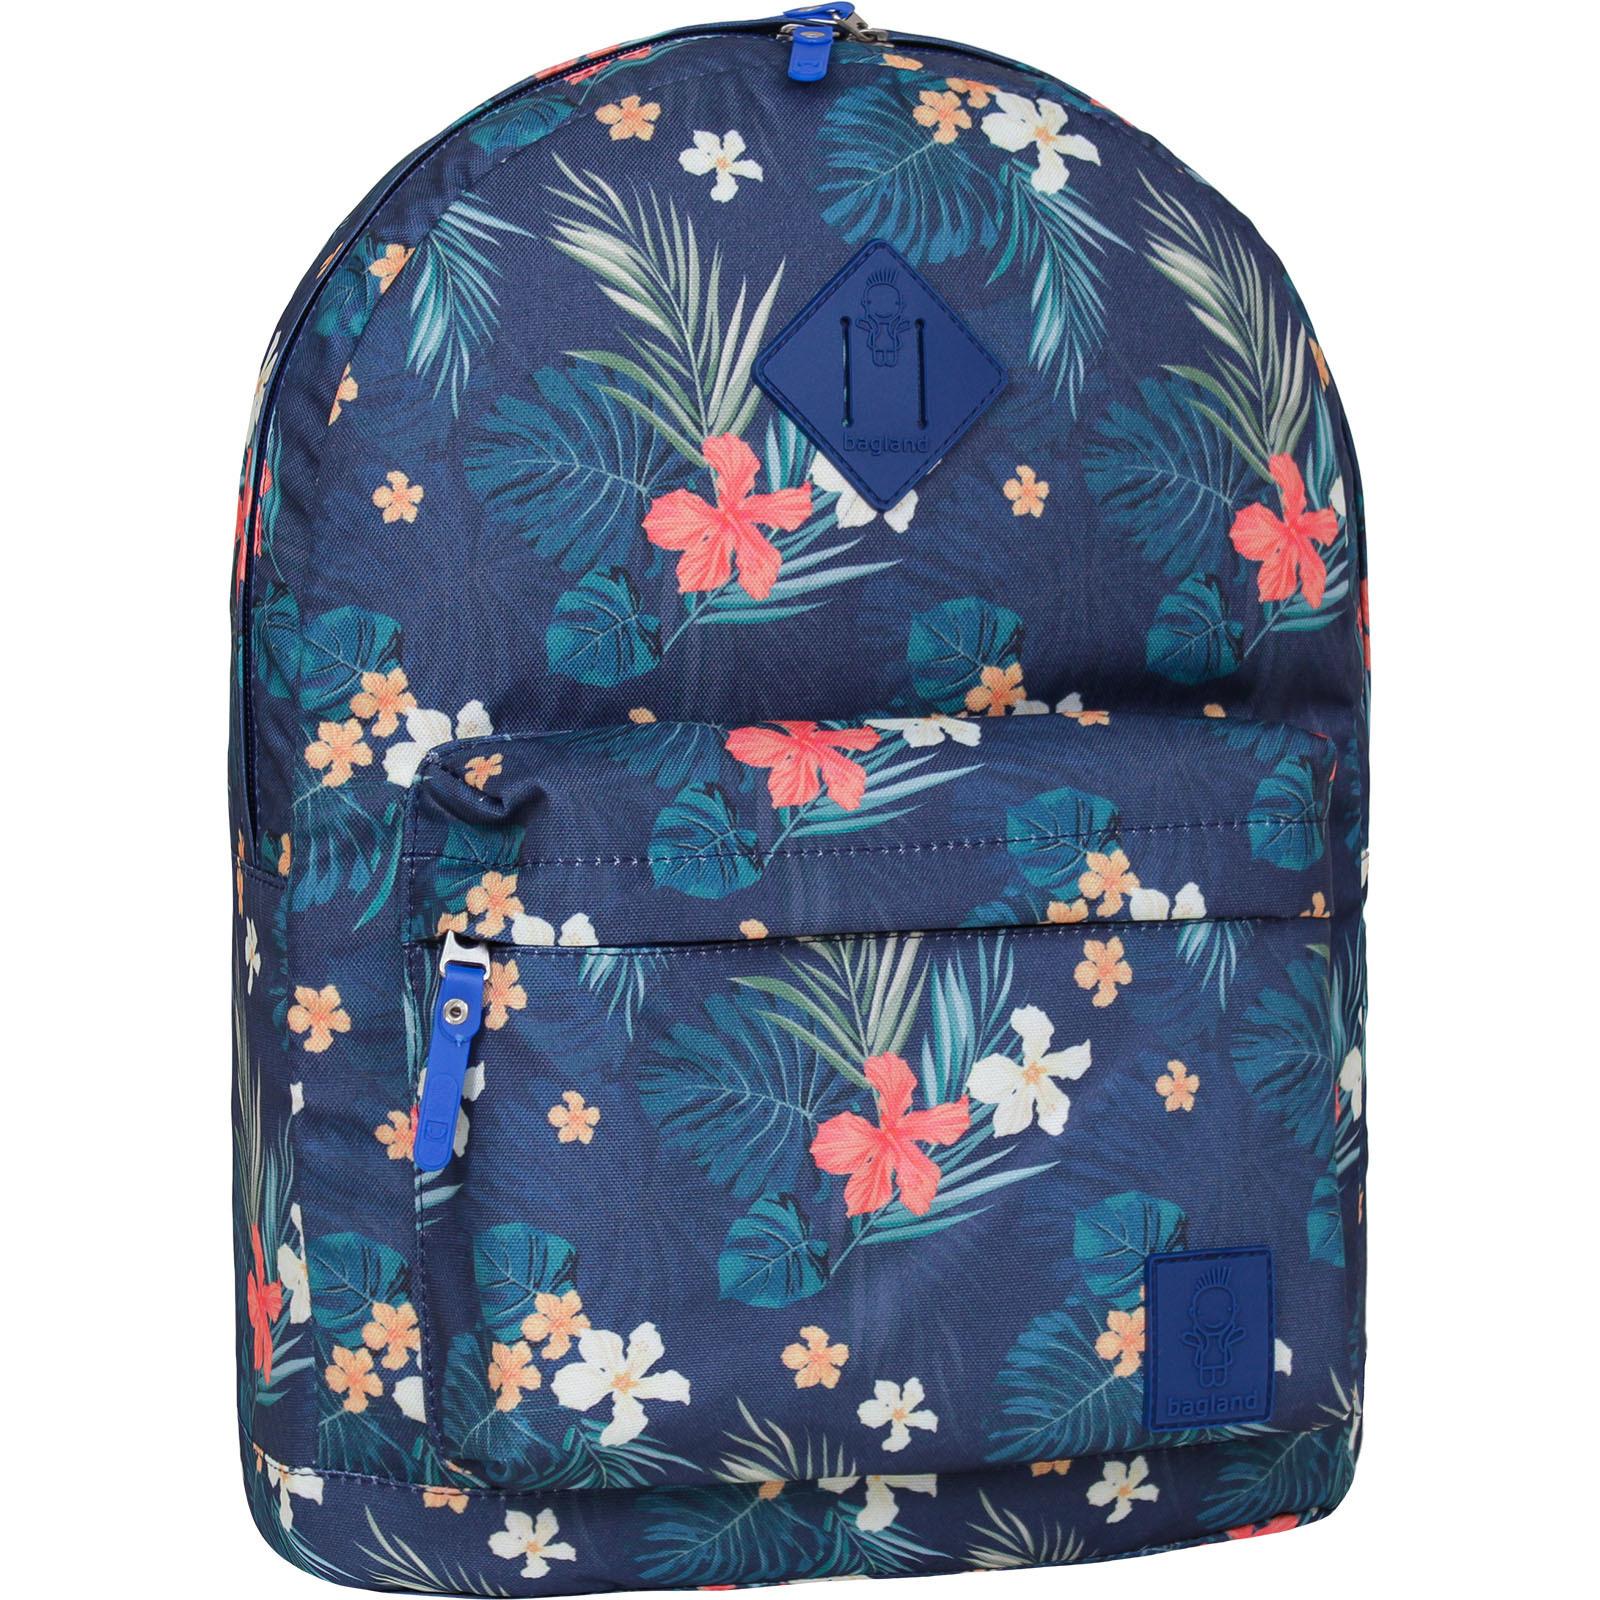 Городские рюкзаки Рюкзак Bagland Молодежный (дизайн) 17 л. сублимация (цветы) (00533664) IMG_6055-1600.jpg